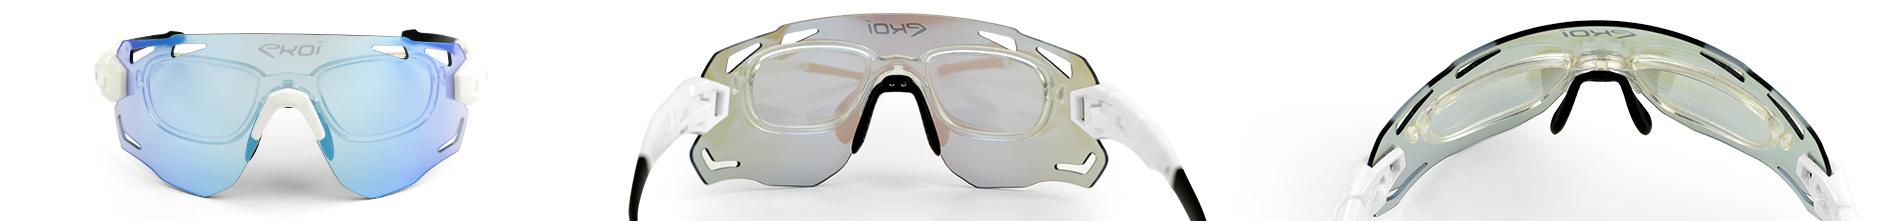 Optischer Einsatz für Fahrradbrillen mit Korrekturgläsern für Ihr Sehvermögen